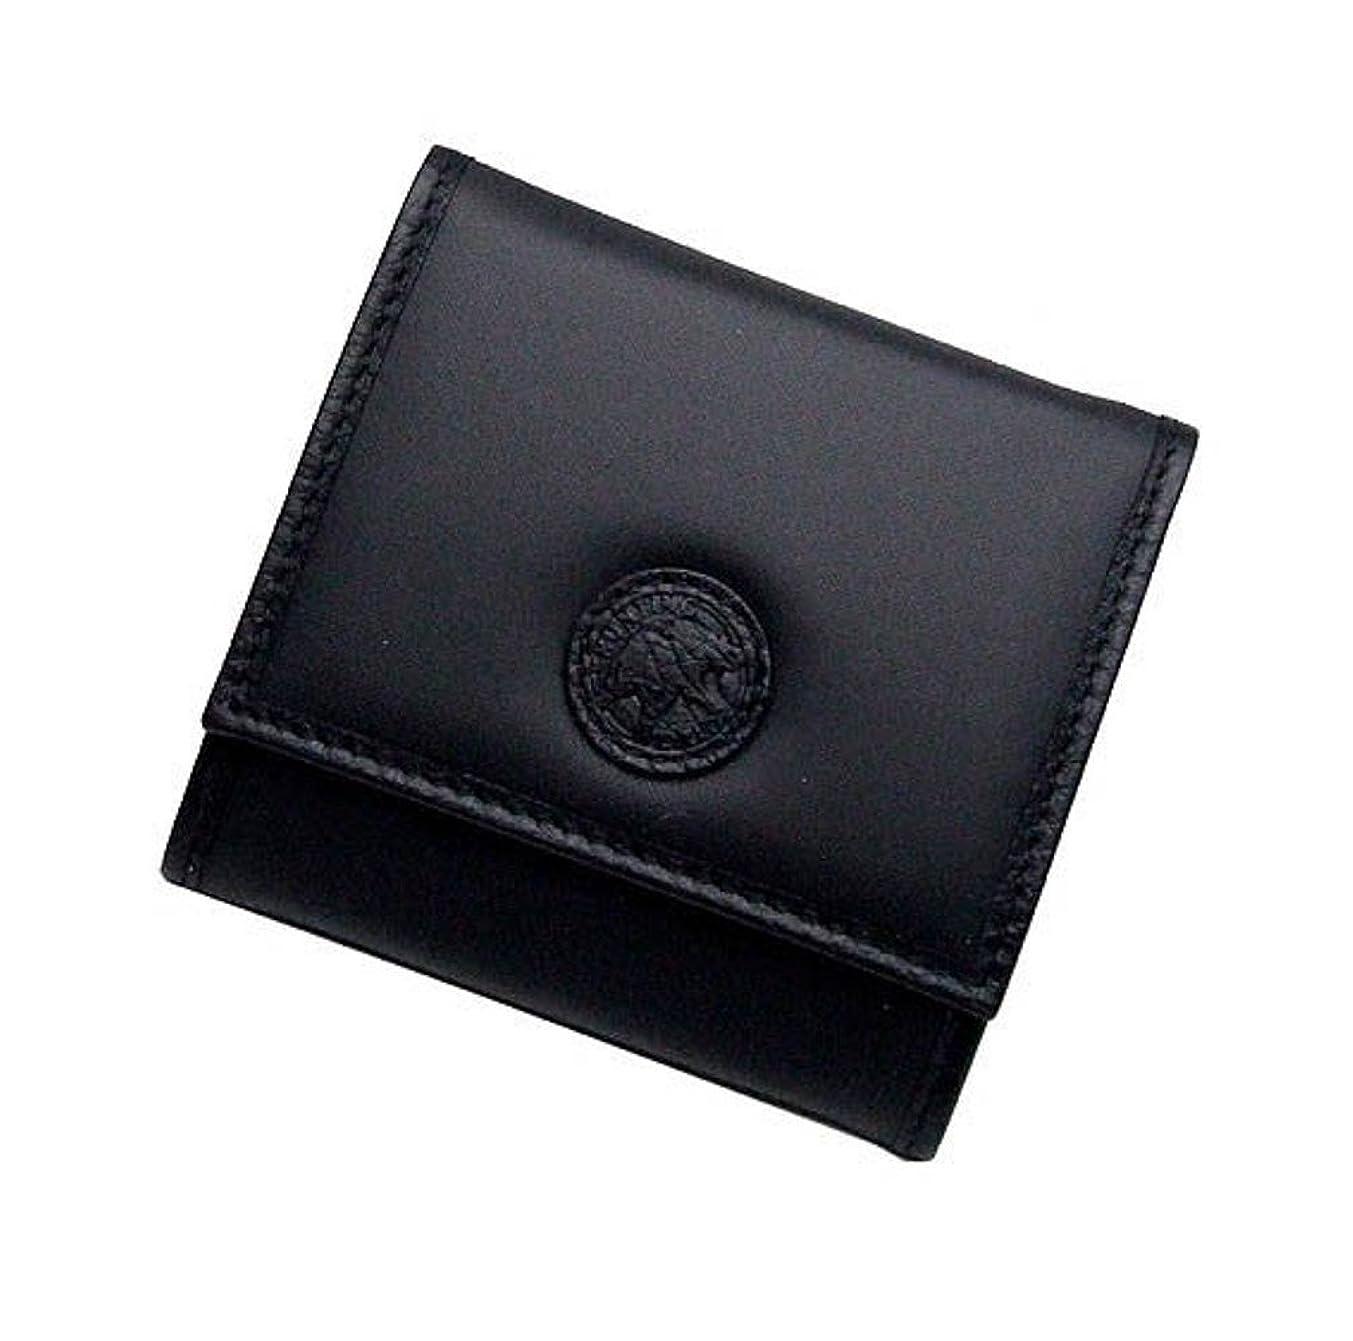 電子レンジ巻き取りゴルフ(ハンティング?ワールド) HUNTING WORLD BATTUE ORIGIN 小銭入 #13 13A BATTUEOR BLACK 並行輸入品